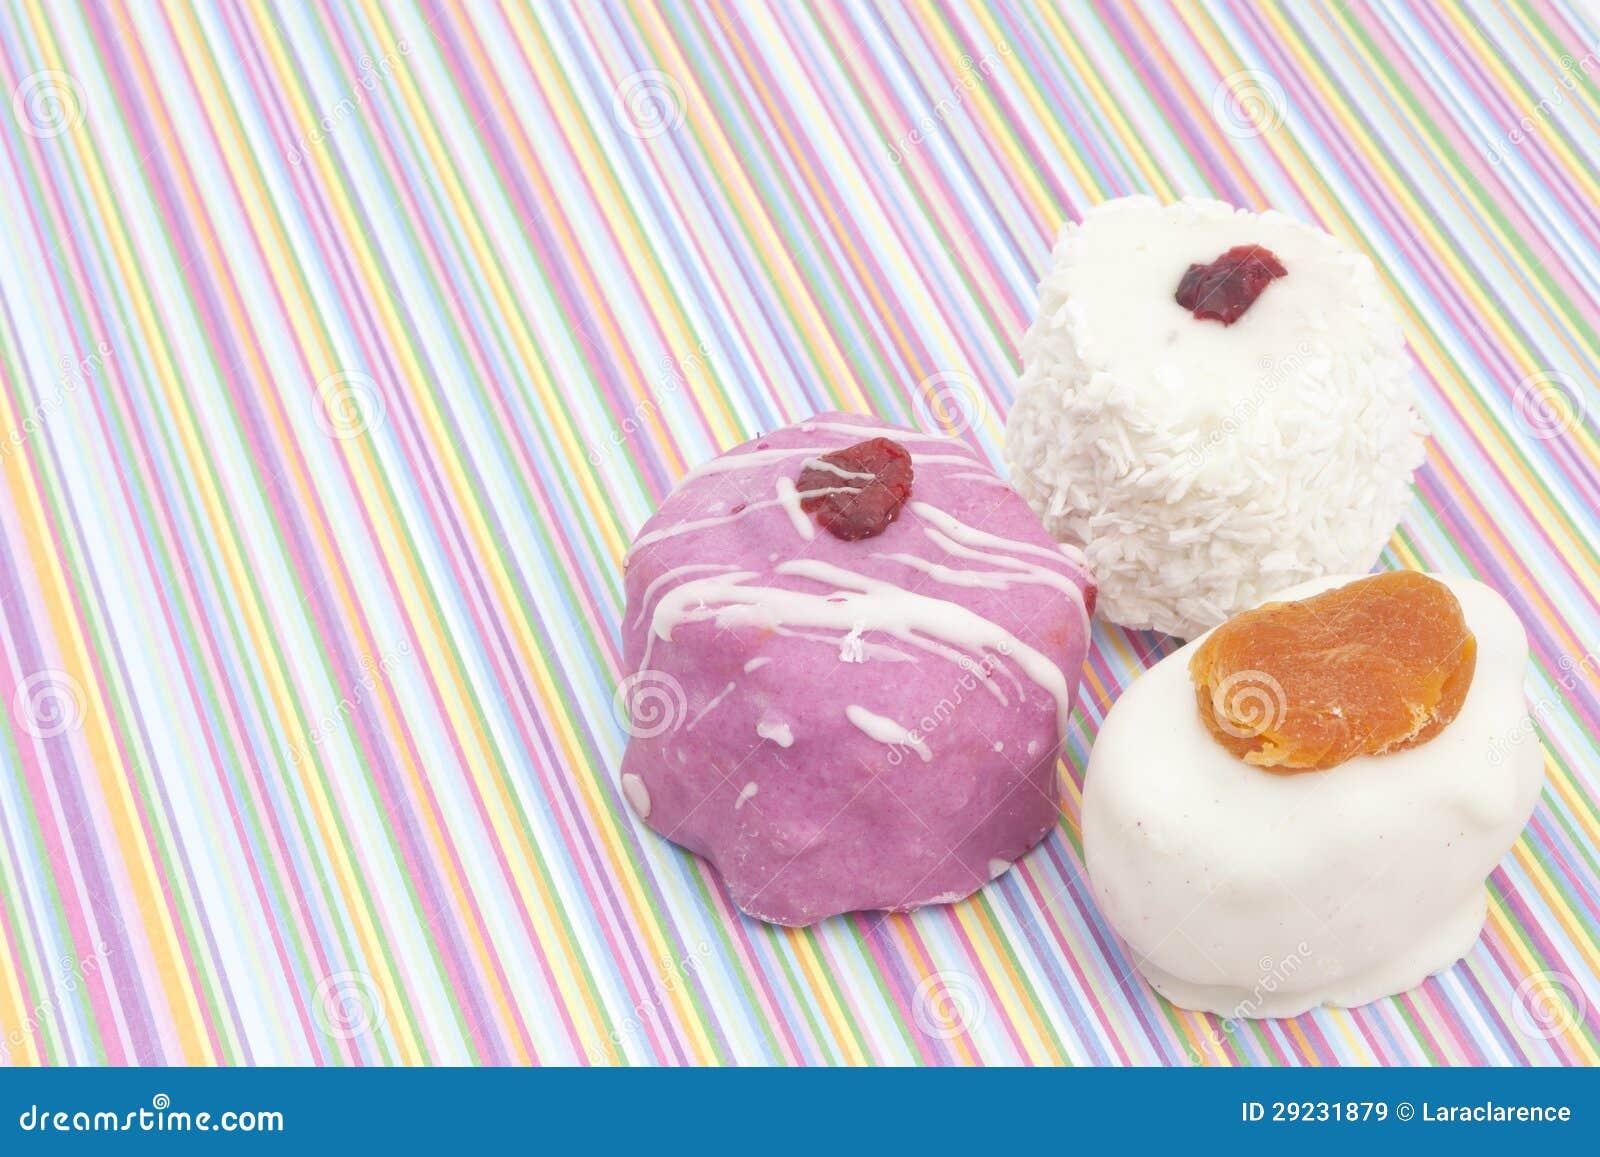 Download Sobremesas Em Fundo Listrado Imagem de Stock - Imagem de fruta, desejado: 29231879